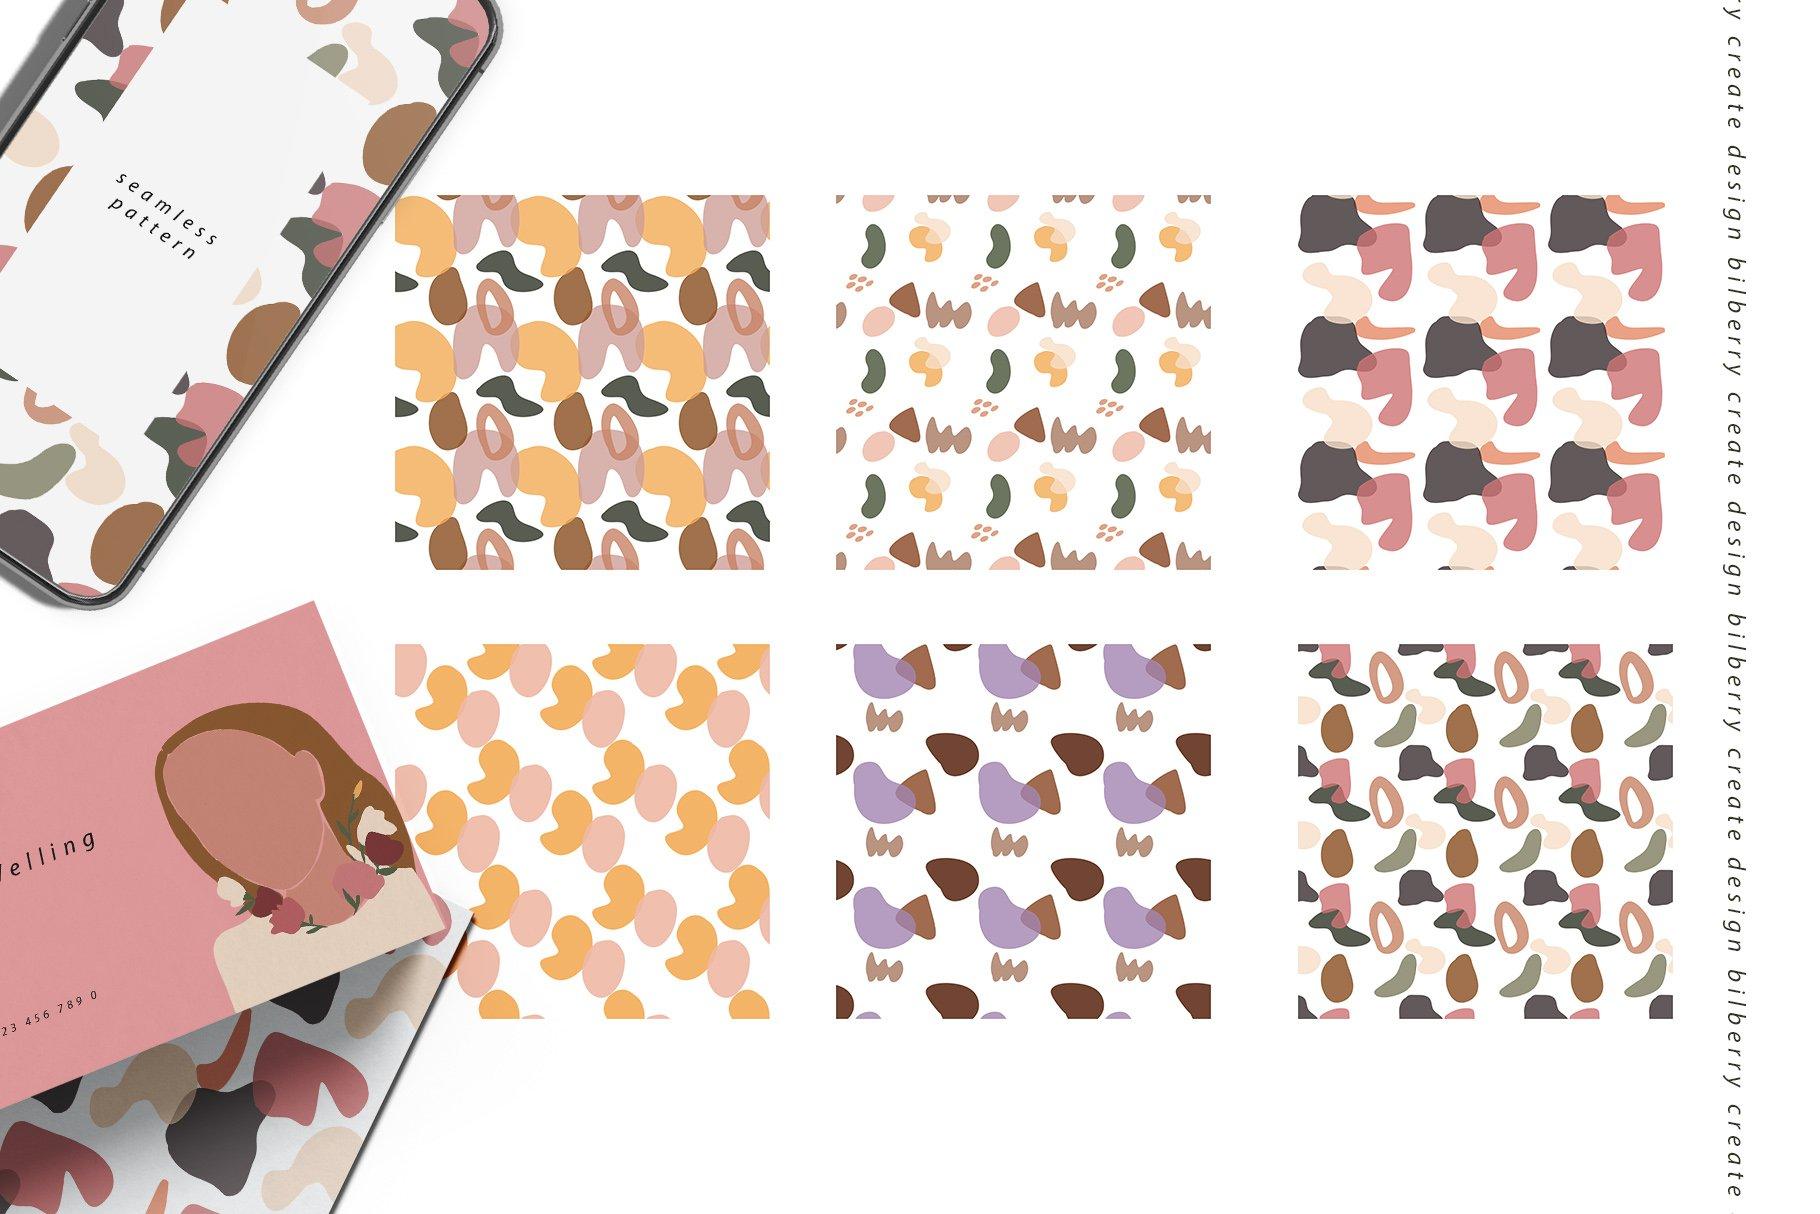 85多个抽象女孩风景形状矢量图案素材 Child Of Flowers Abstract Portrait插图(10)